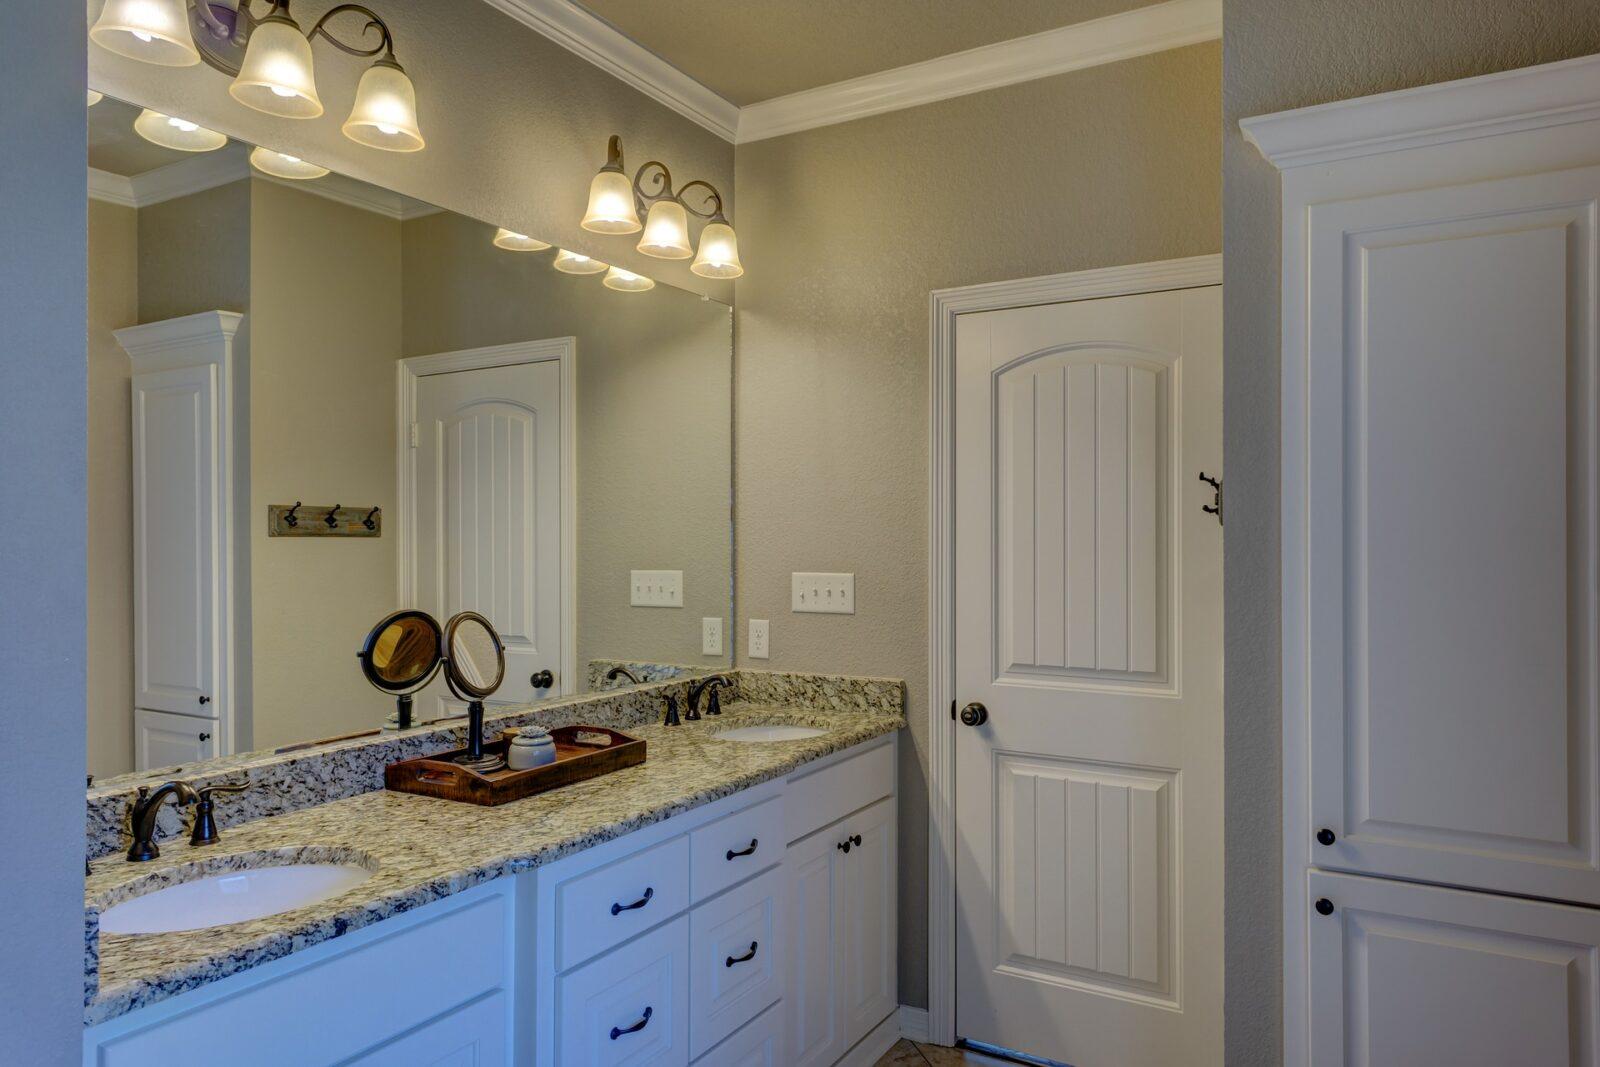 Minimalismus im Badezimmer – mehr Platz zum Enstpannen und Verwöhnen